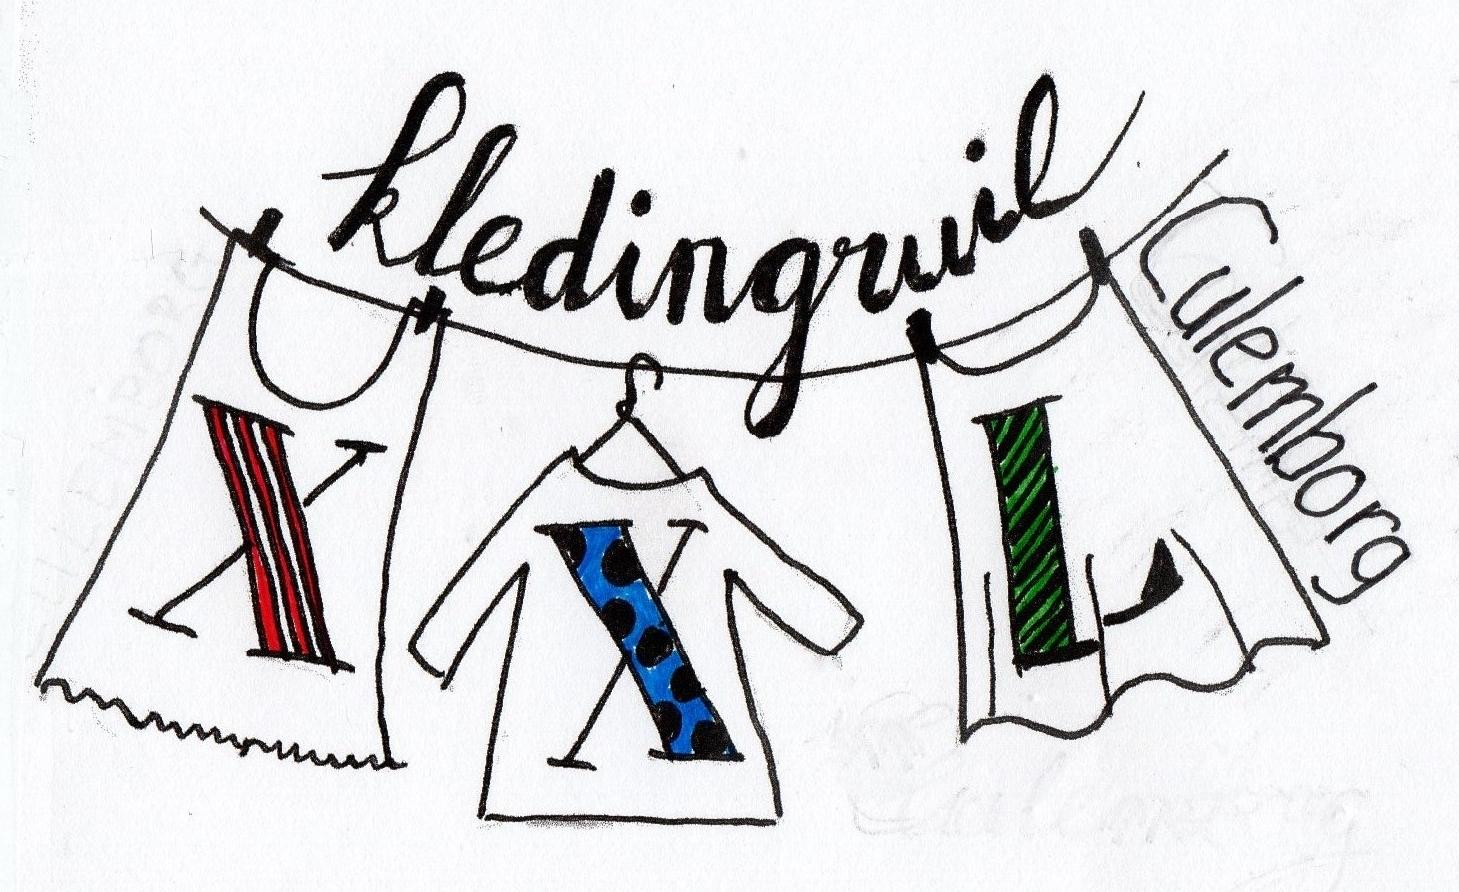 XXL kledingruil in Culemborg